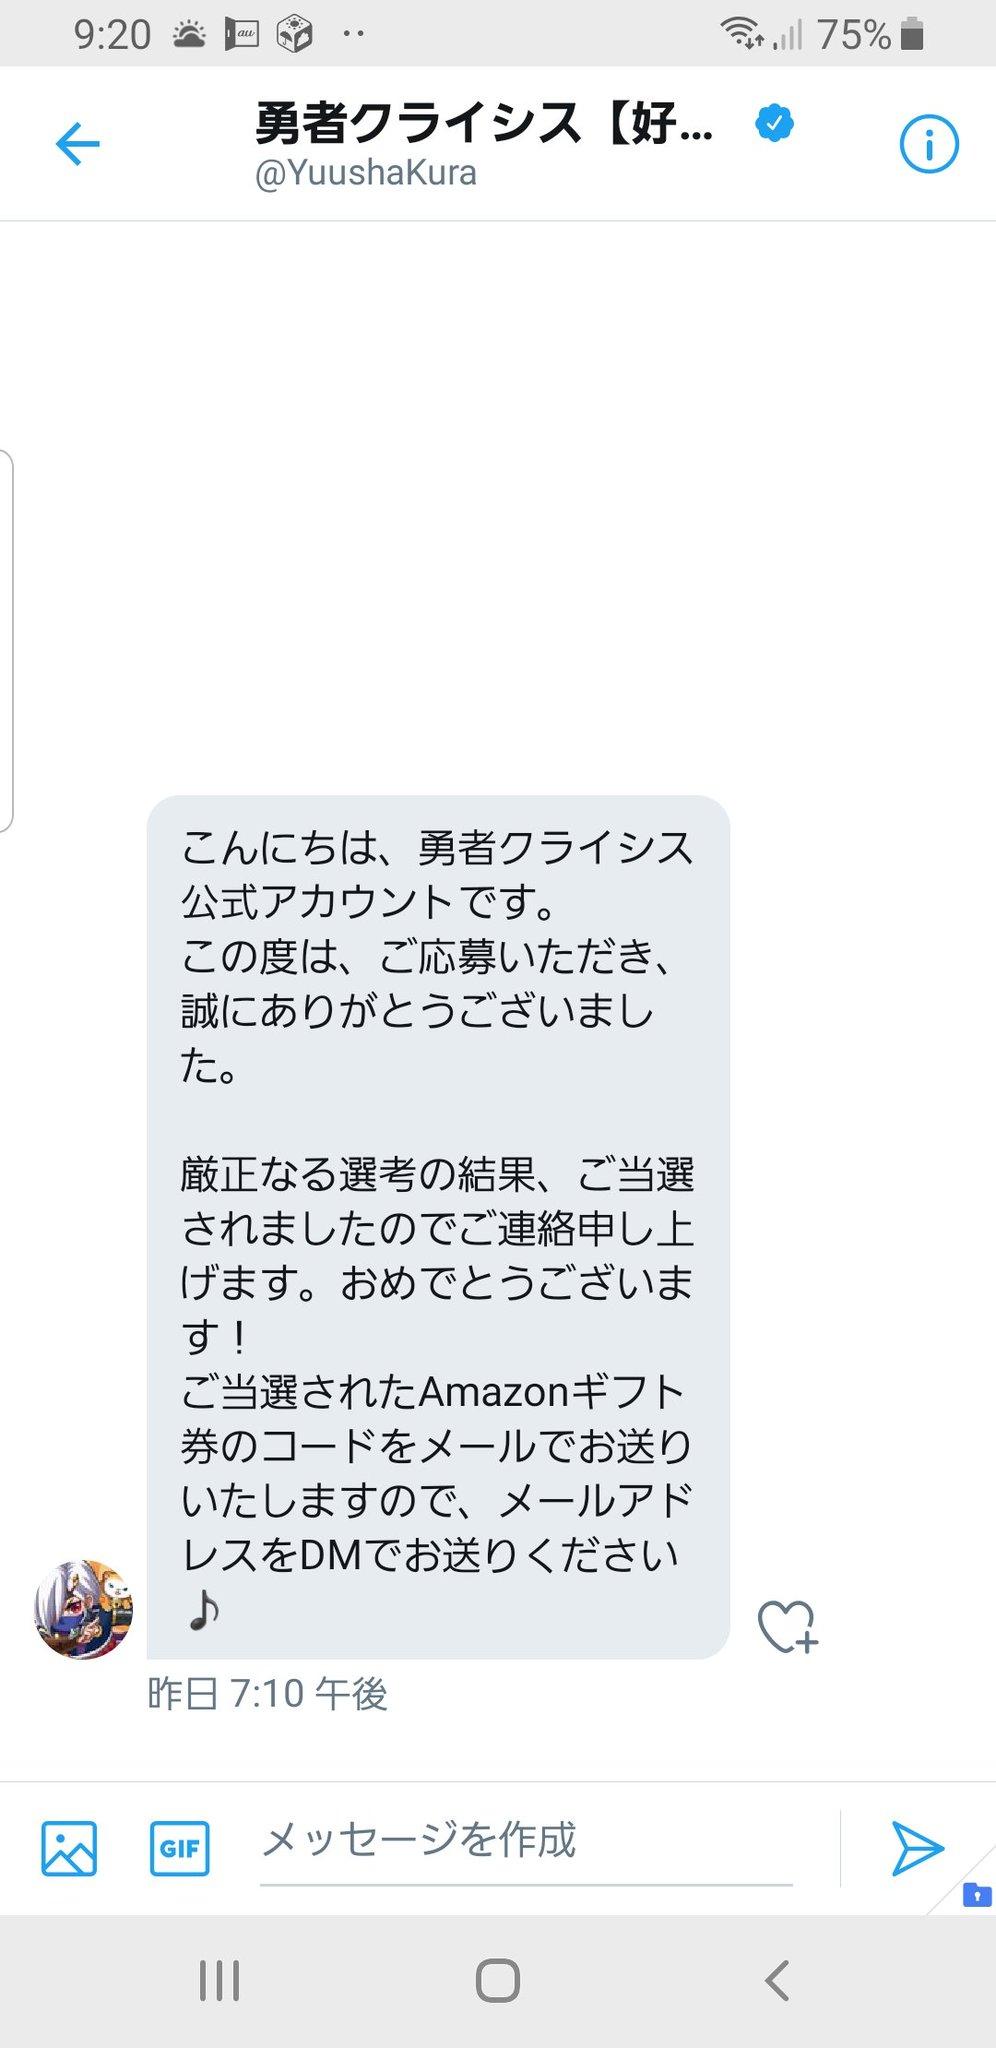 ギフト 勇者 コード クライシス